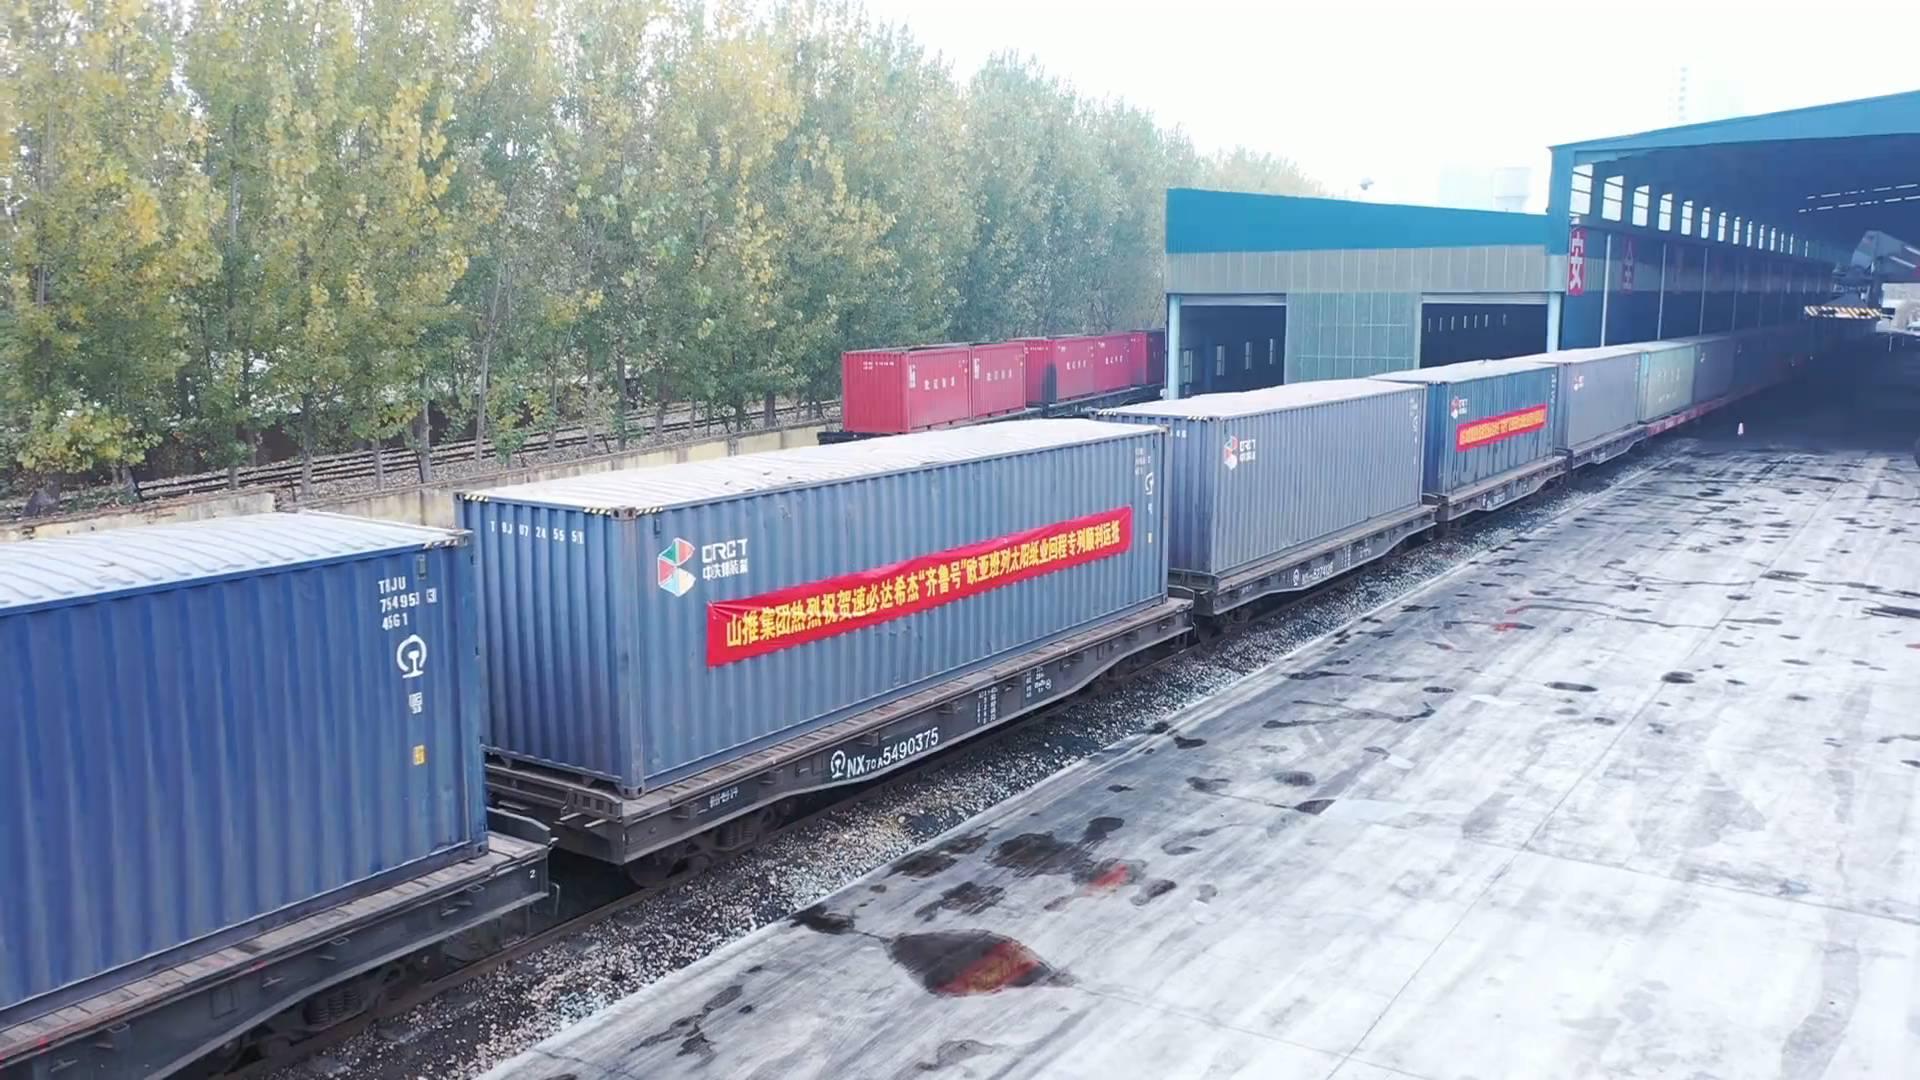 """人勤春来早丨两年向外输出1134个箱柜的物资!济宁这个内陆""""港口""""也能实现贸易进出口"""